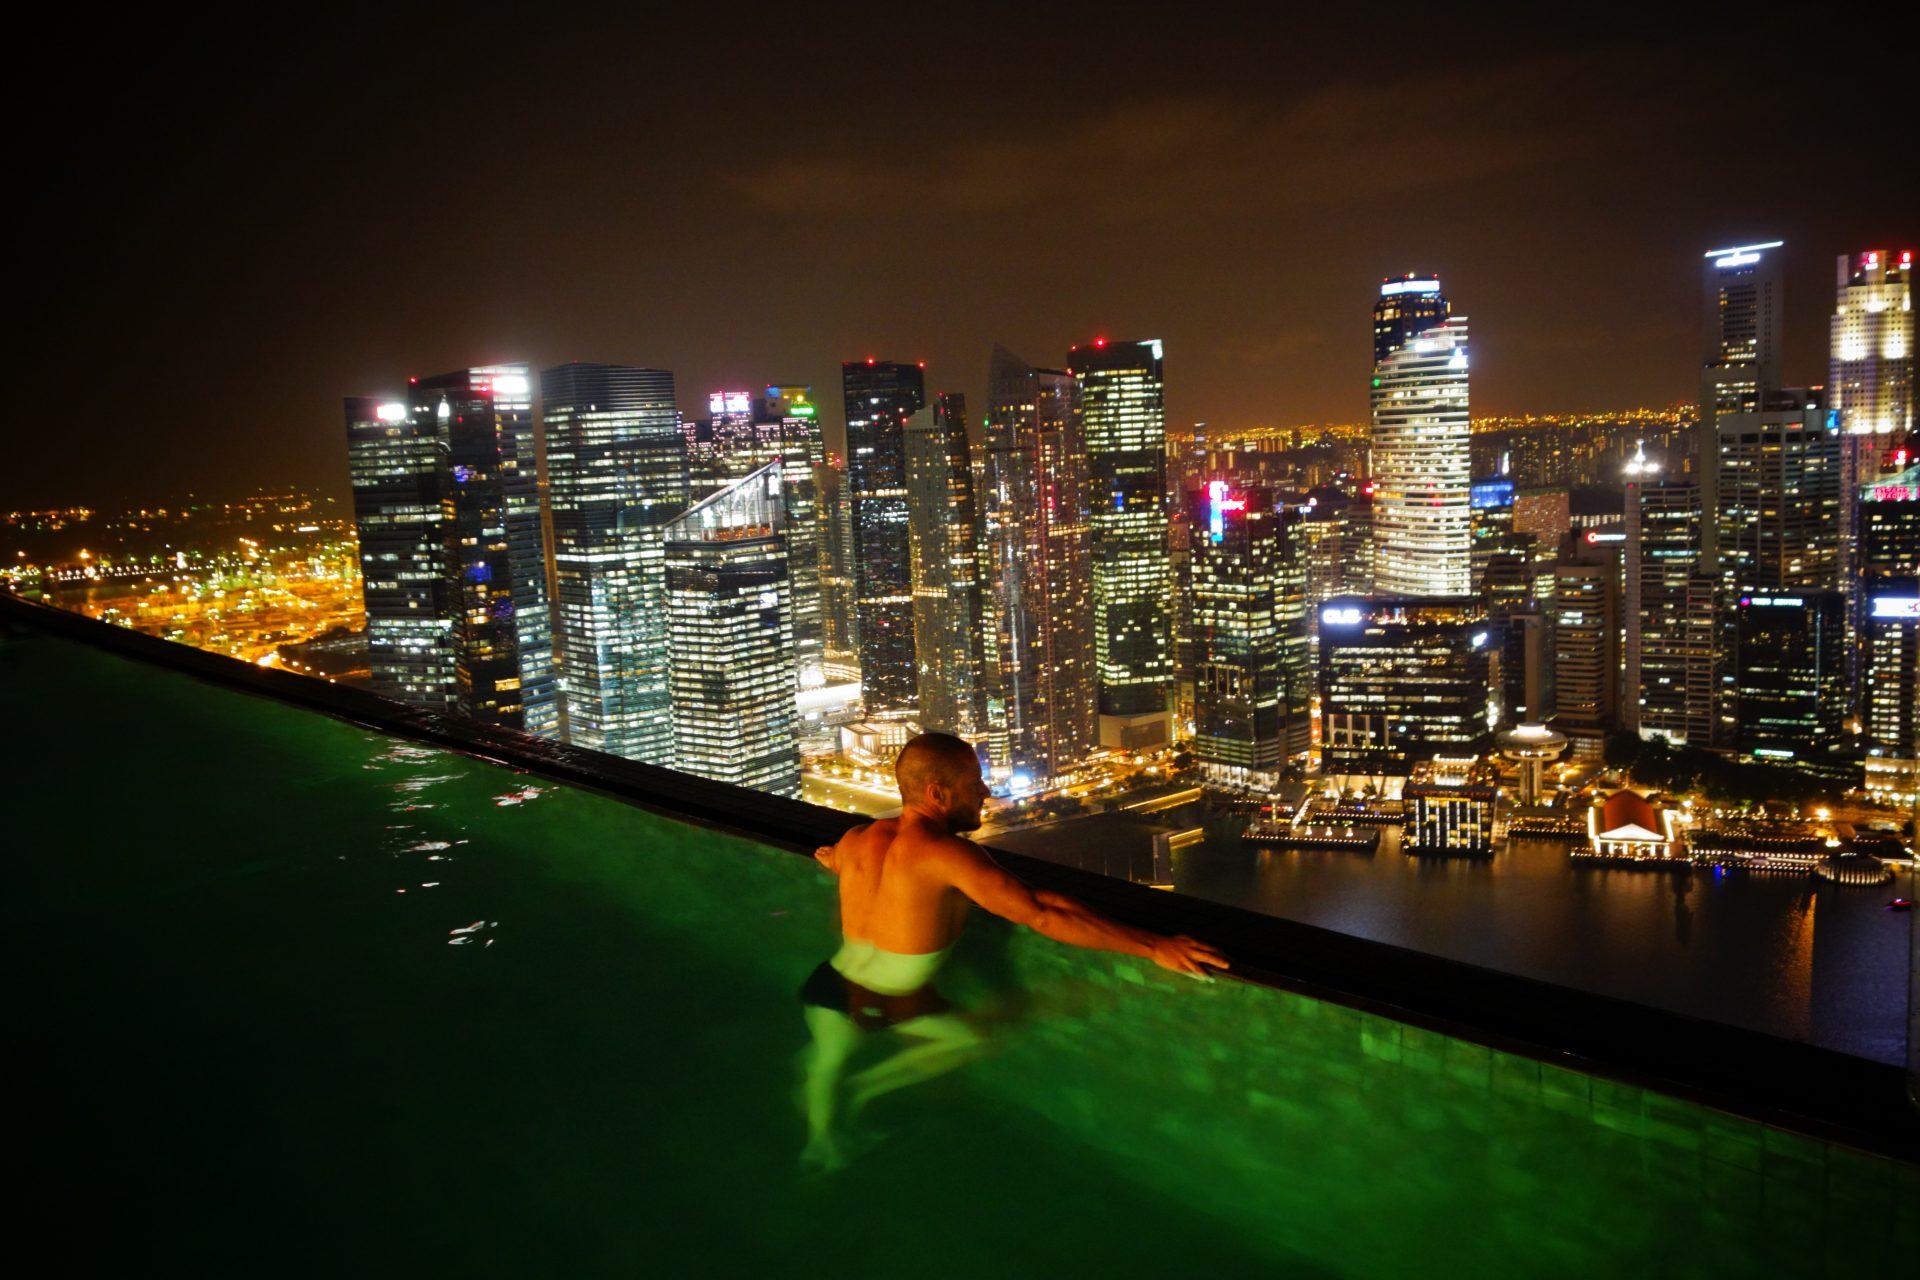 Infinity pool de noche. Que hacer en Singapur